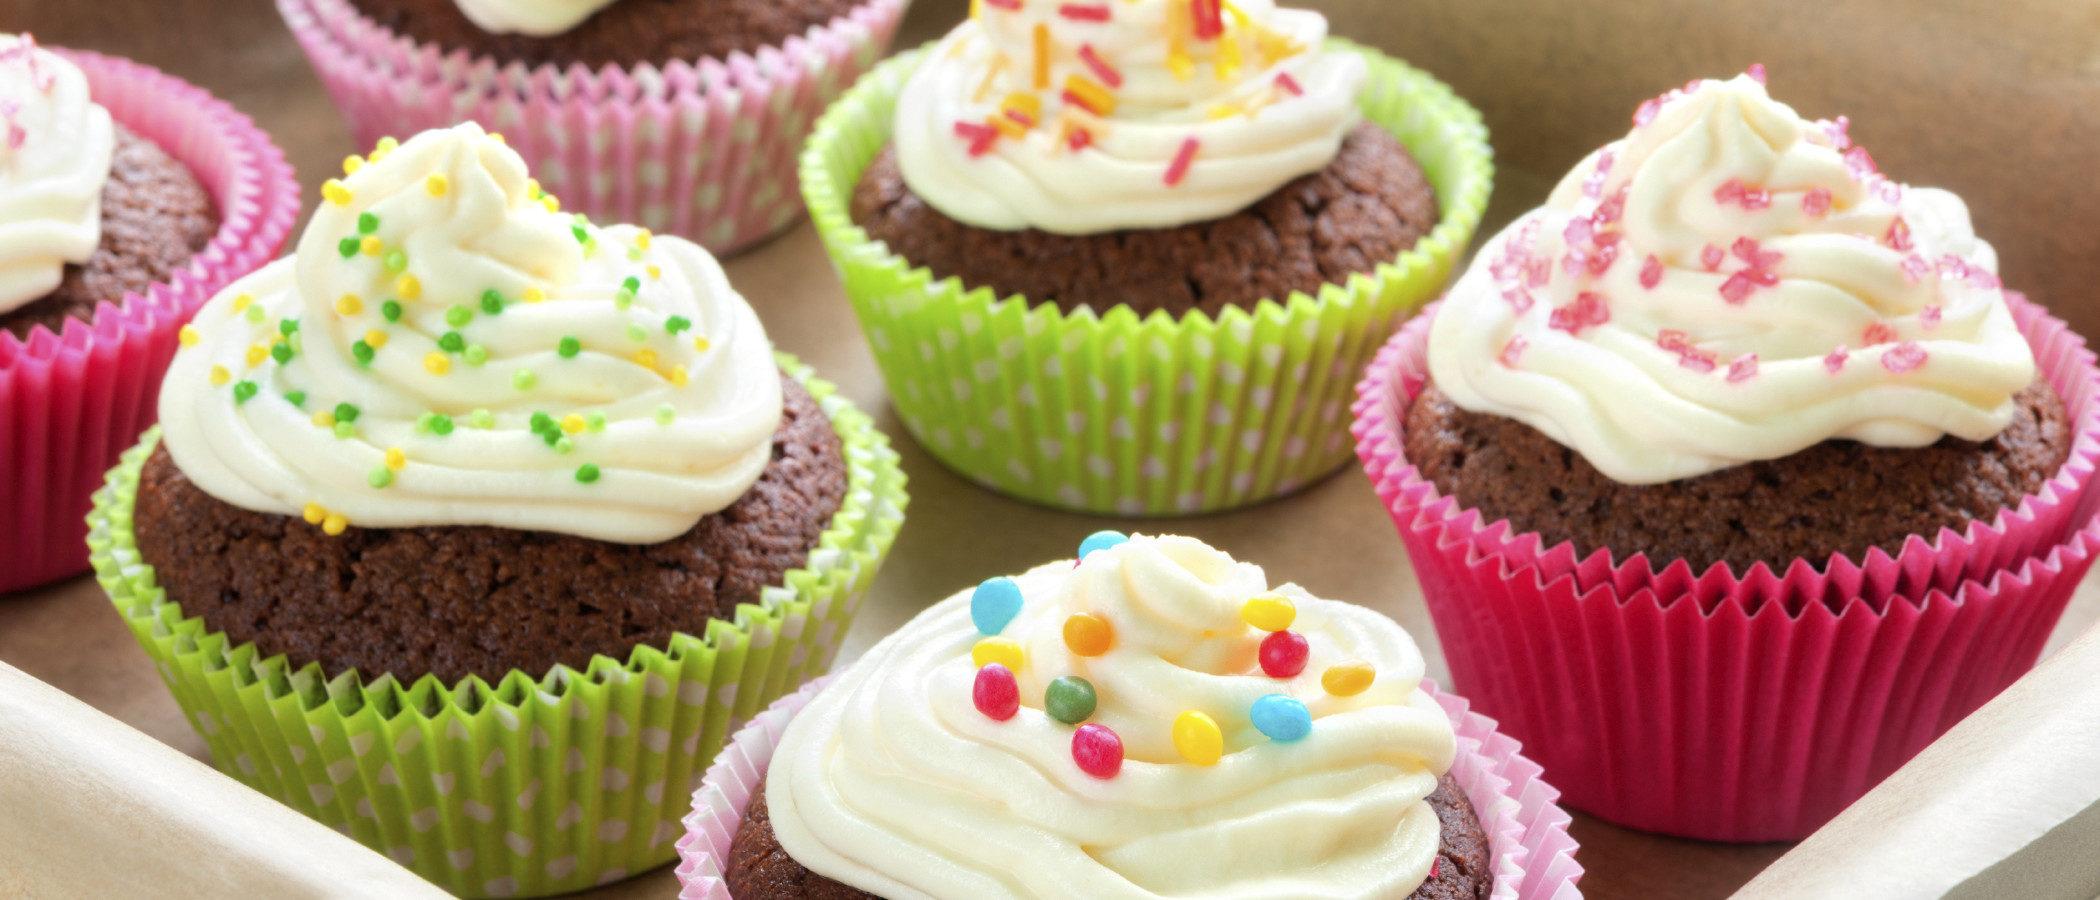 Recetas de cupcakes caseros para hacer con tus hijos